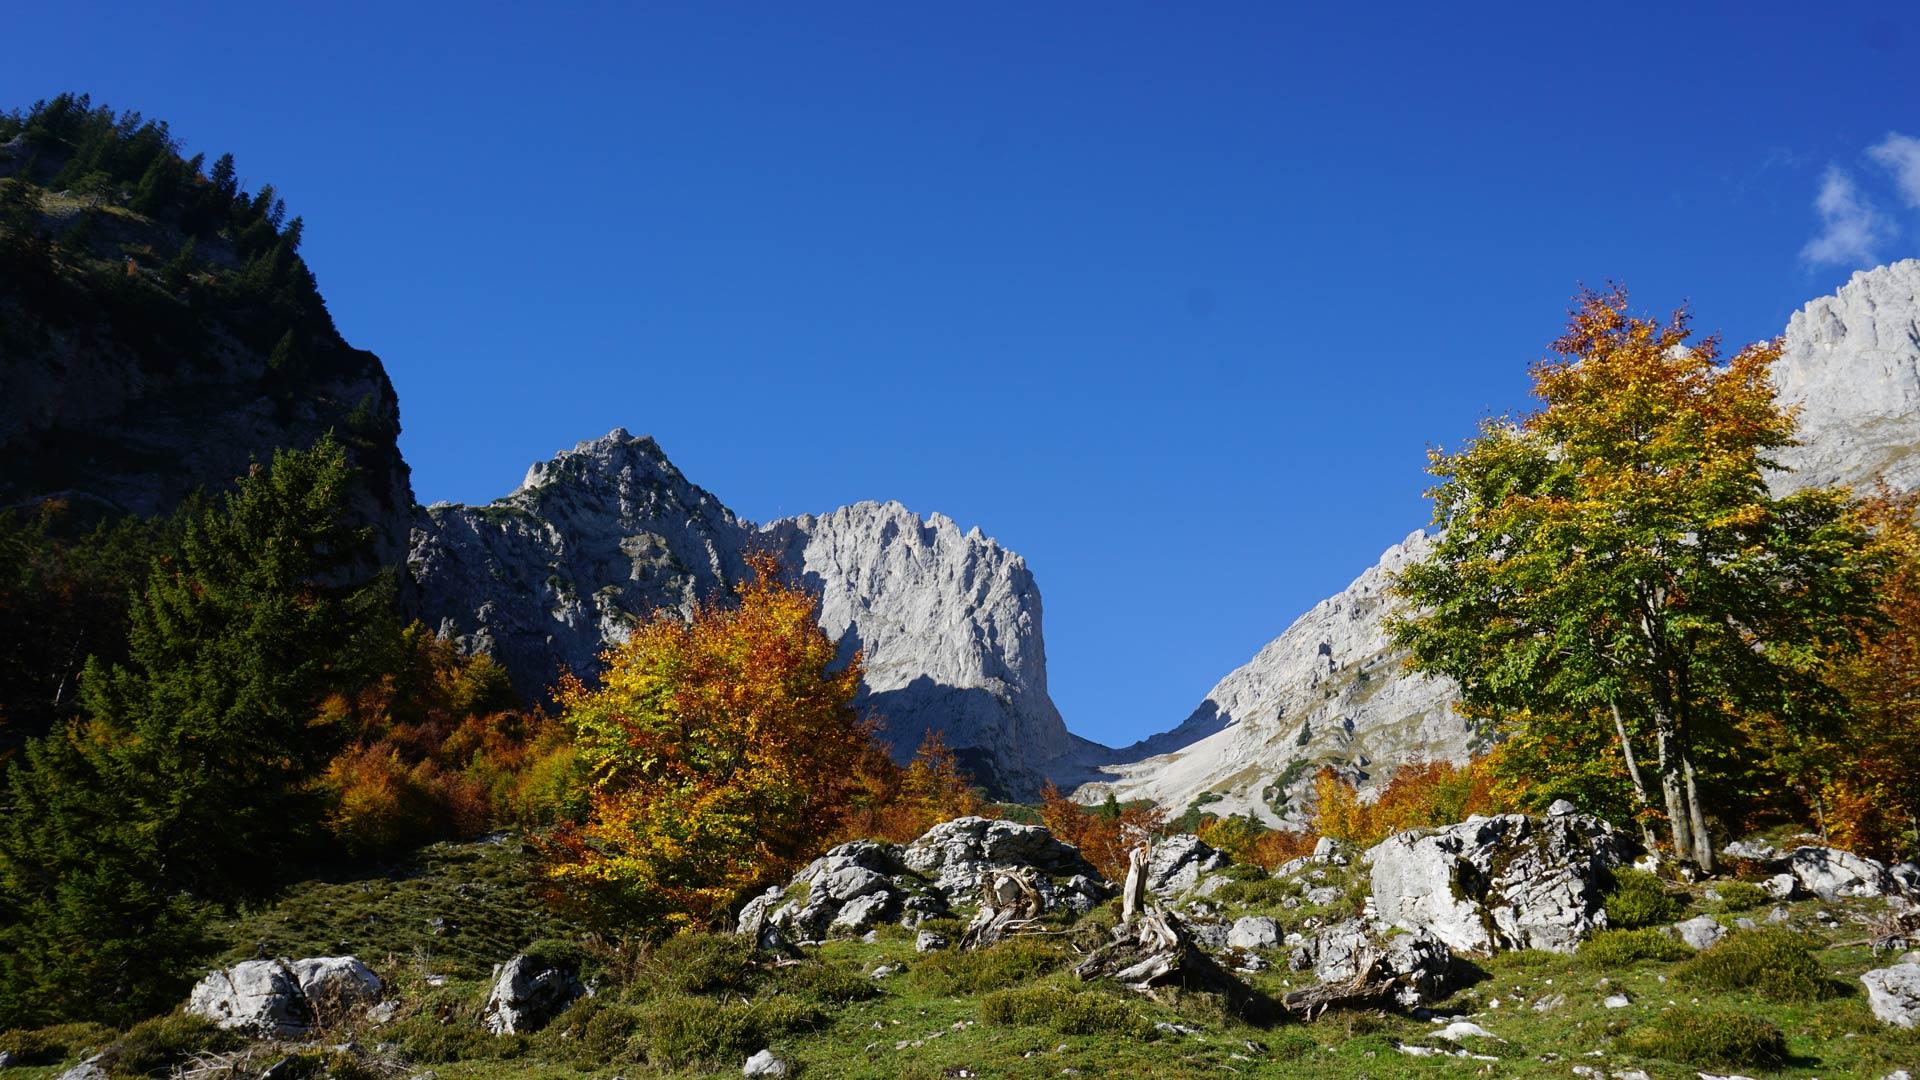 Klettersteig Wilder Kaiser Ellmauer Halt : Klettersteig ellmauer halt von der wochenbrunner alm